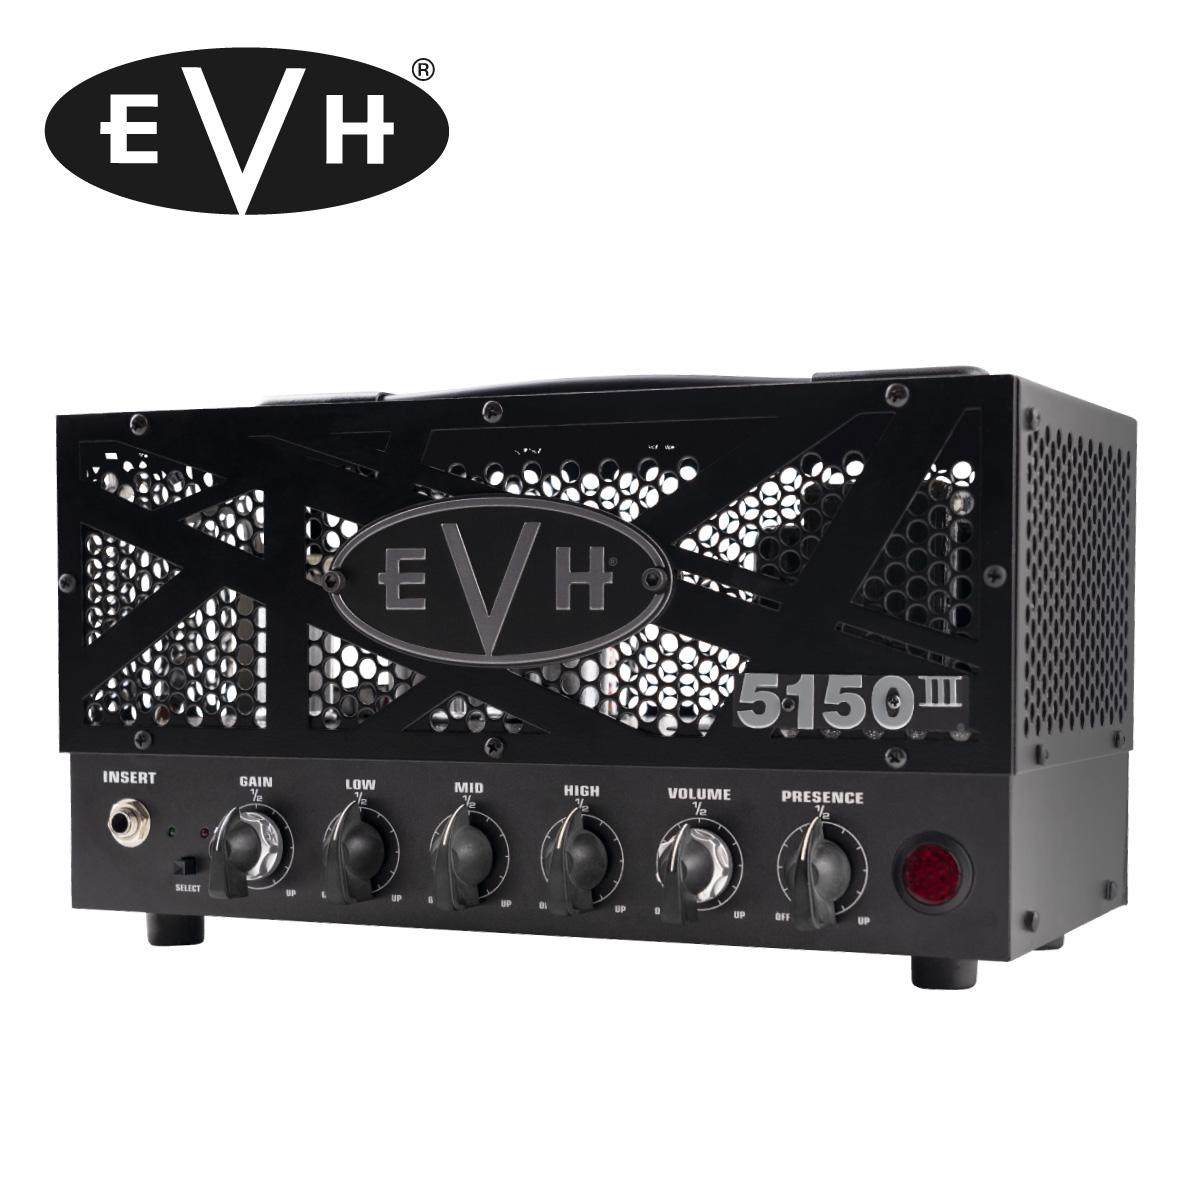 [宅送] EVH 5150 III EVH 15W LBX-S -Black- 100V Head -Black- 100V 新品 ヘッドアンプ[エドワードヴァンヘイレン][ブラック,黒][Guitar Amplifier Head,ギターアンプヘッド], ナガクテチョウ:9c13adb7 --- eamgalib.ru